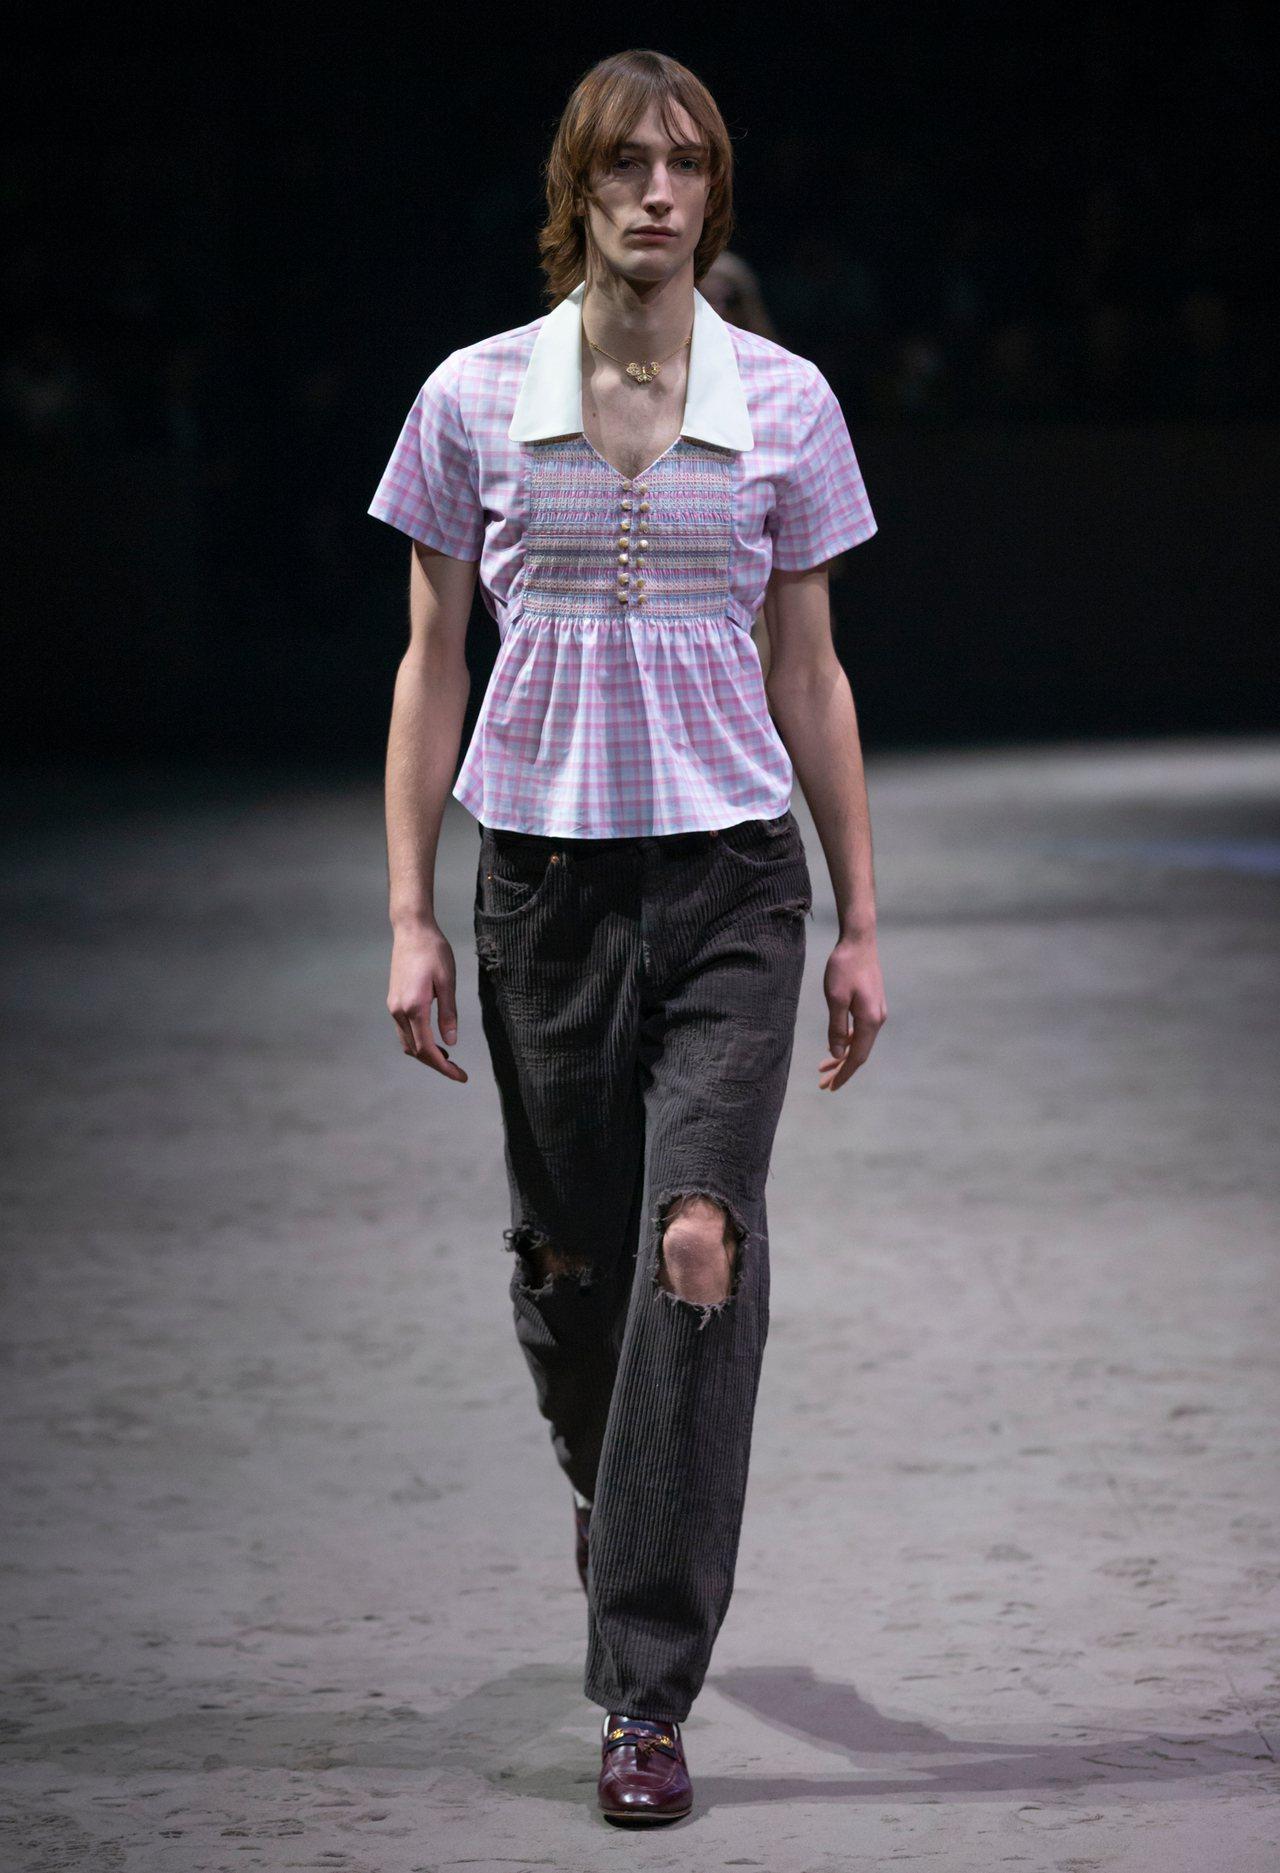 可以見到許多女裝剪裁的服飾出現在男模的身上。圖/Gucci提供